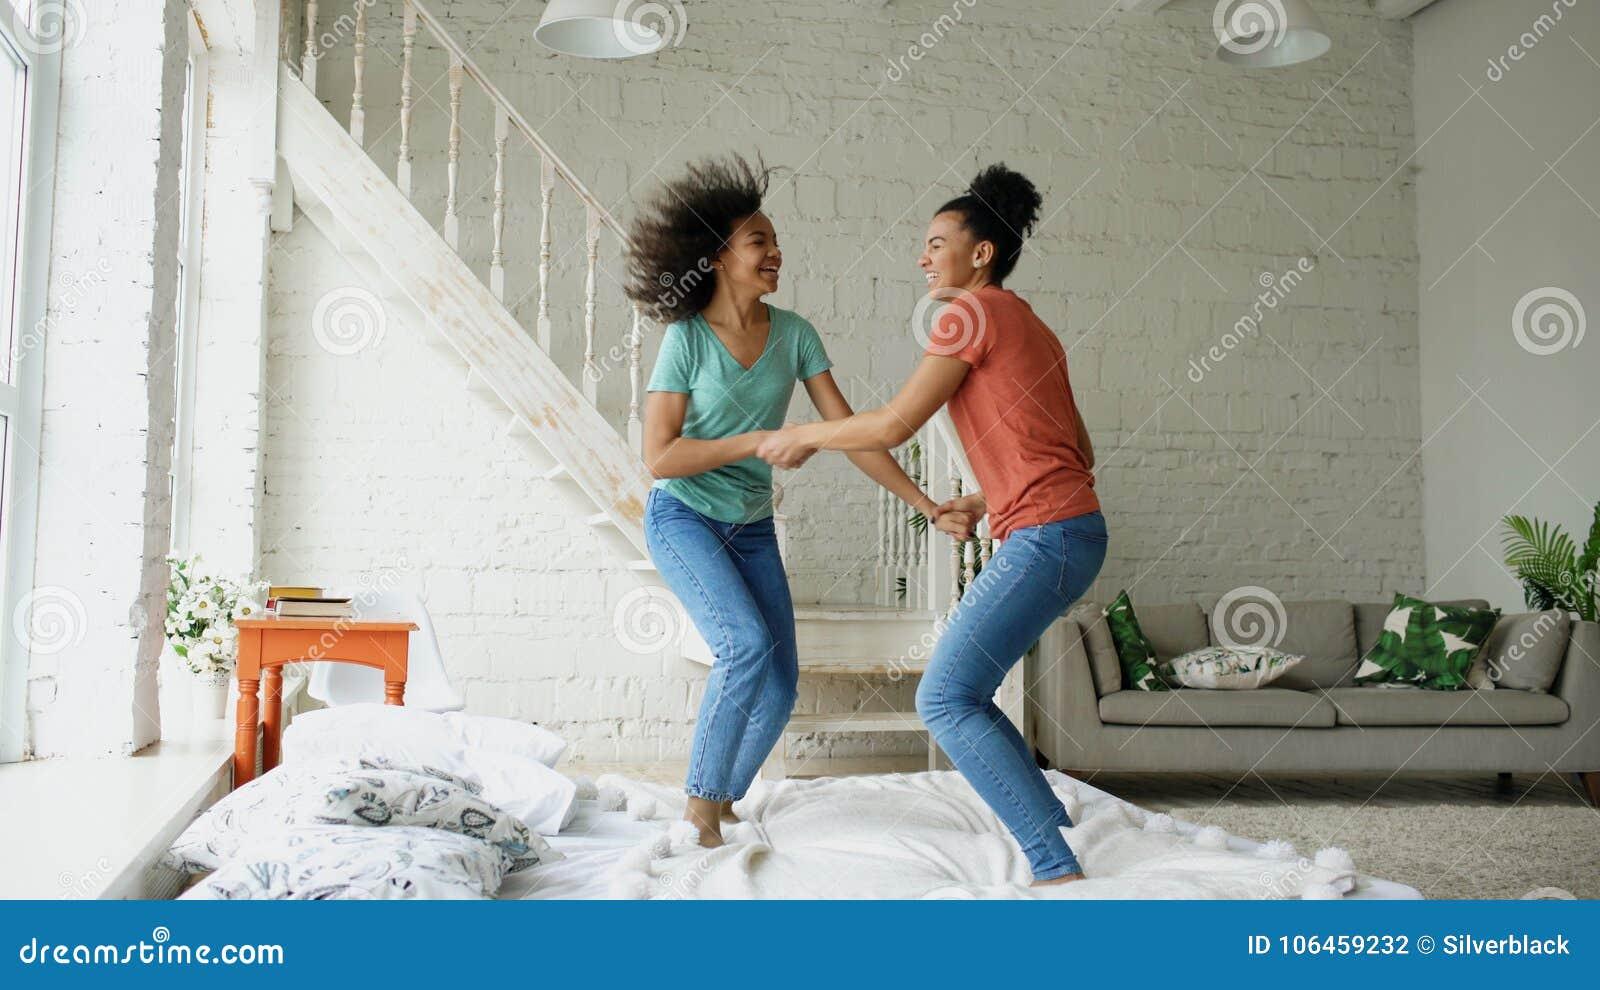 girls at home dancing Beautiful